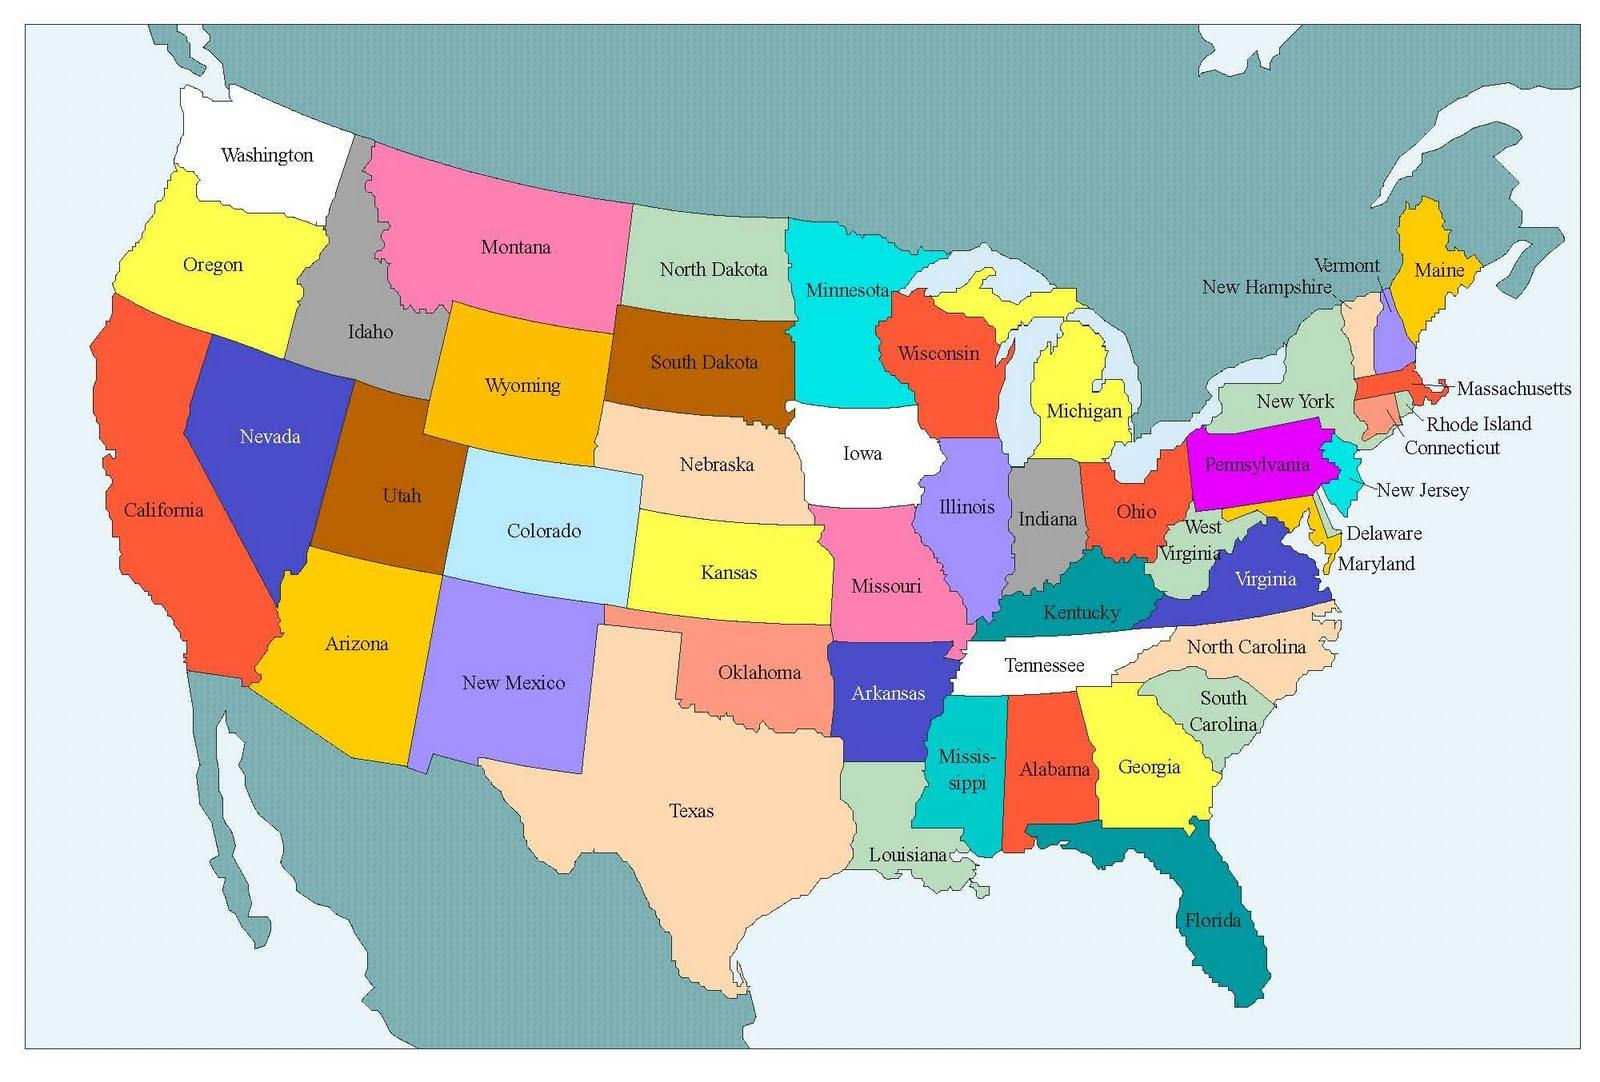 Ver Mapa Usa - Usa mapa